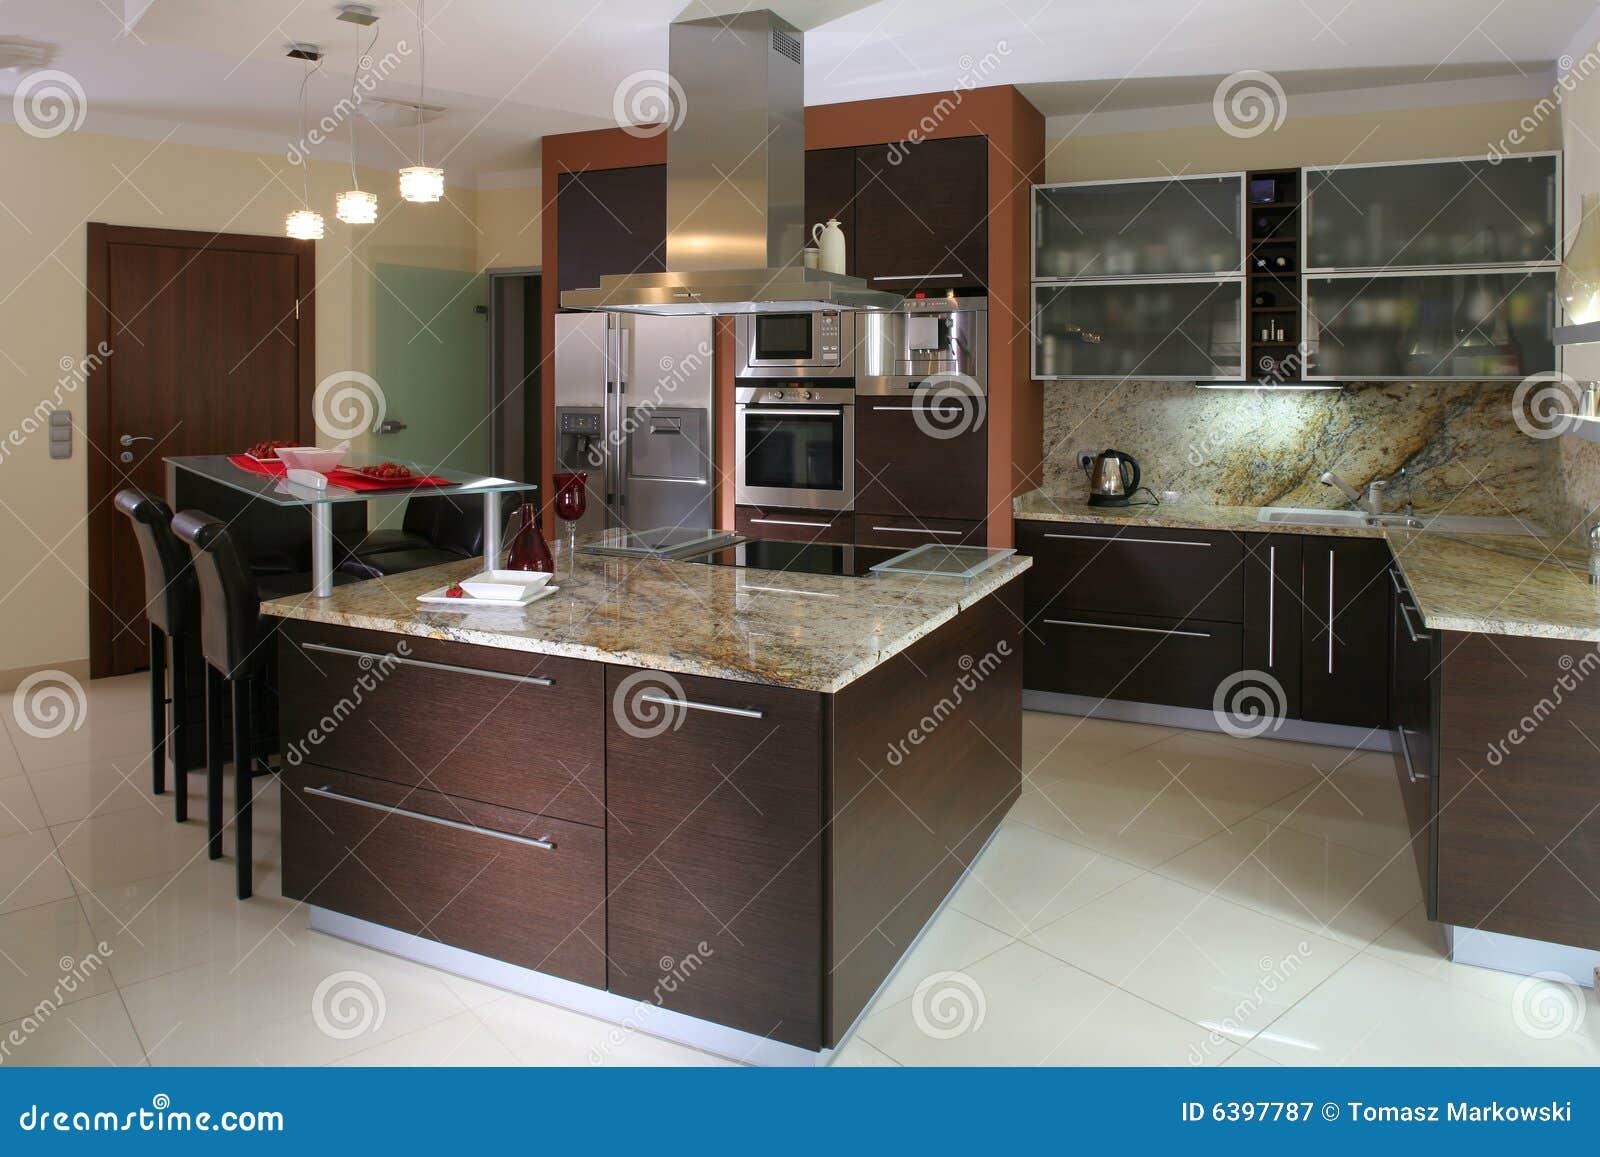 Cocina moderna lujosa fotograf a de archivo libre de - Interiores cocinas modernas ...